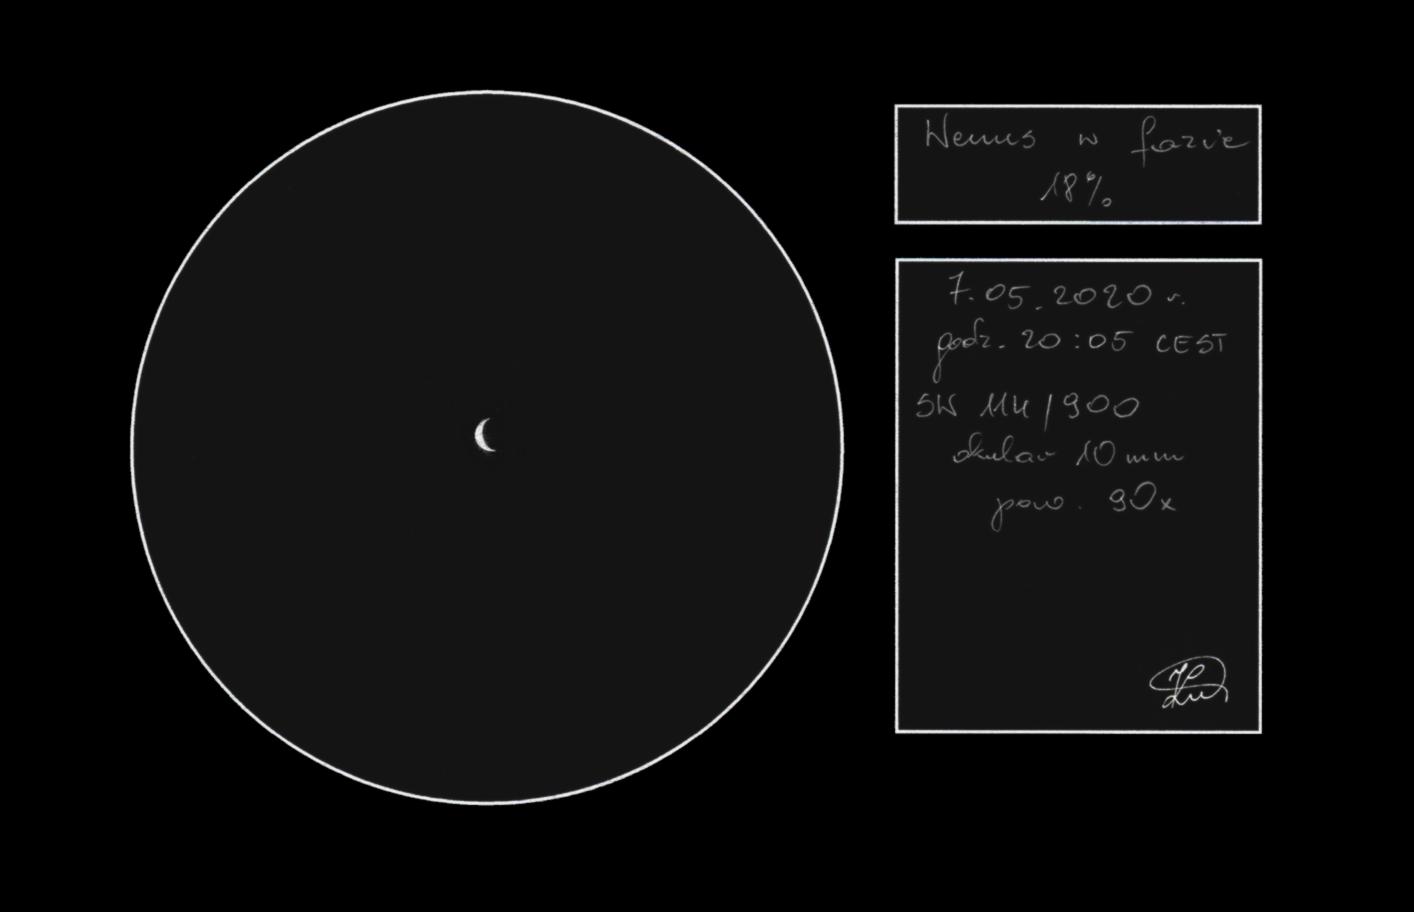 Wenus_07_05.2020b.png.f0373917390c88155d60c9abaa5e0886.png